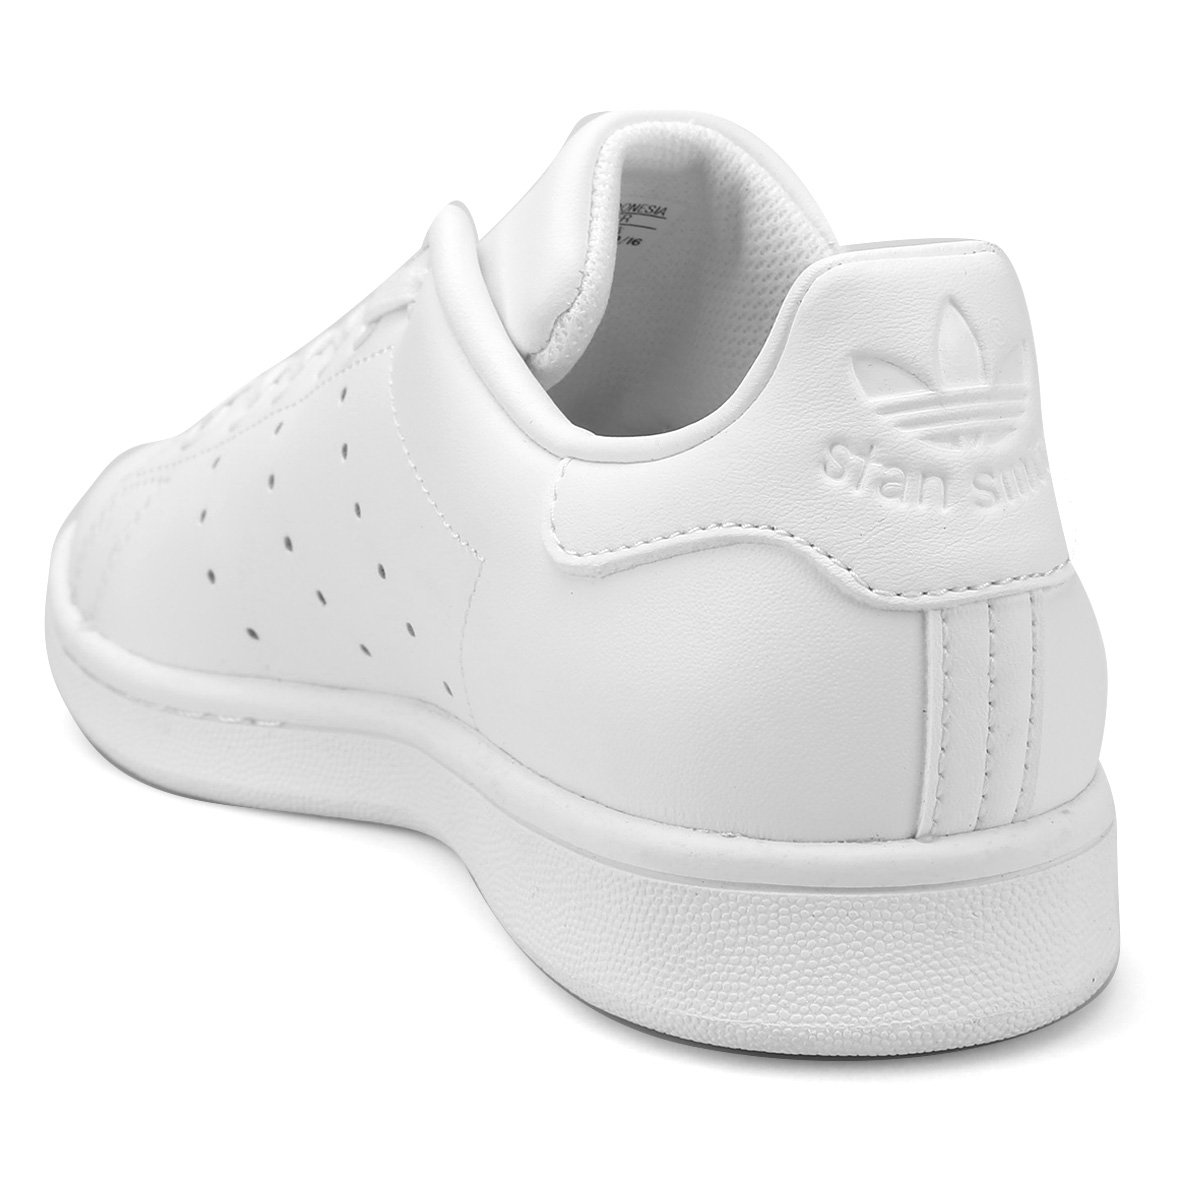 cbcad0ea55 Tênis Adidas Stan Smith J Infantil - Compre Agora